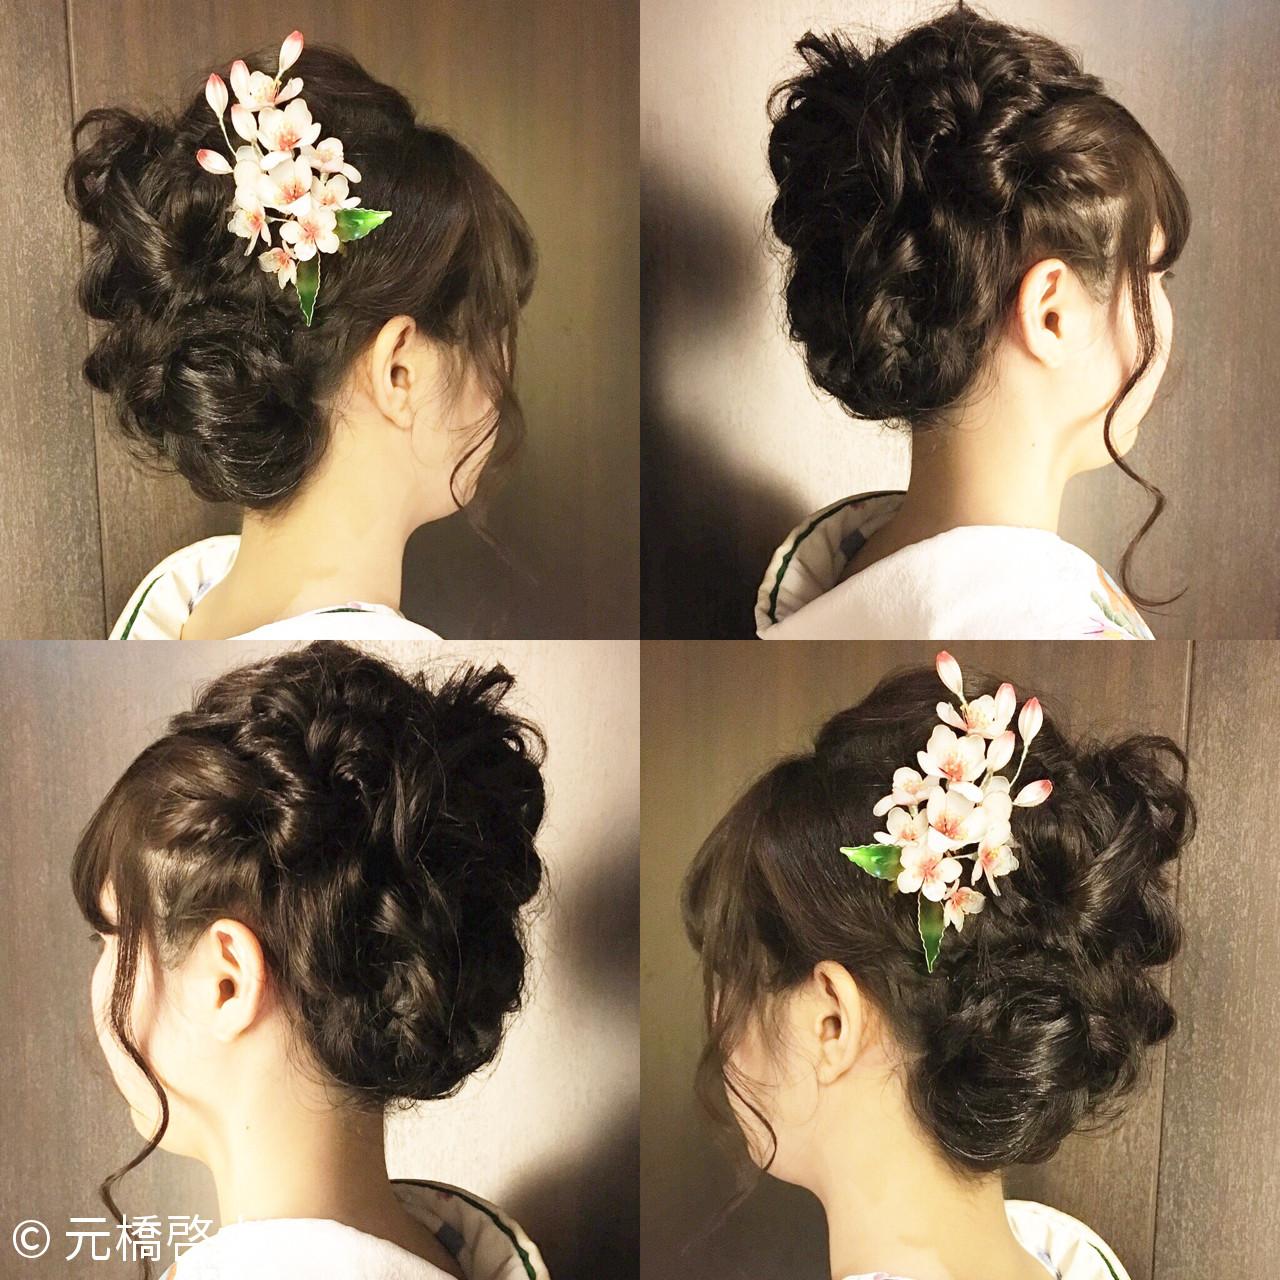 こなれ感 簡単ヘアアレンジ フェミニン 小顔 ヘアスタイルや髪型の写真・画像 | 元橋啓太 / snob